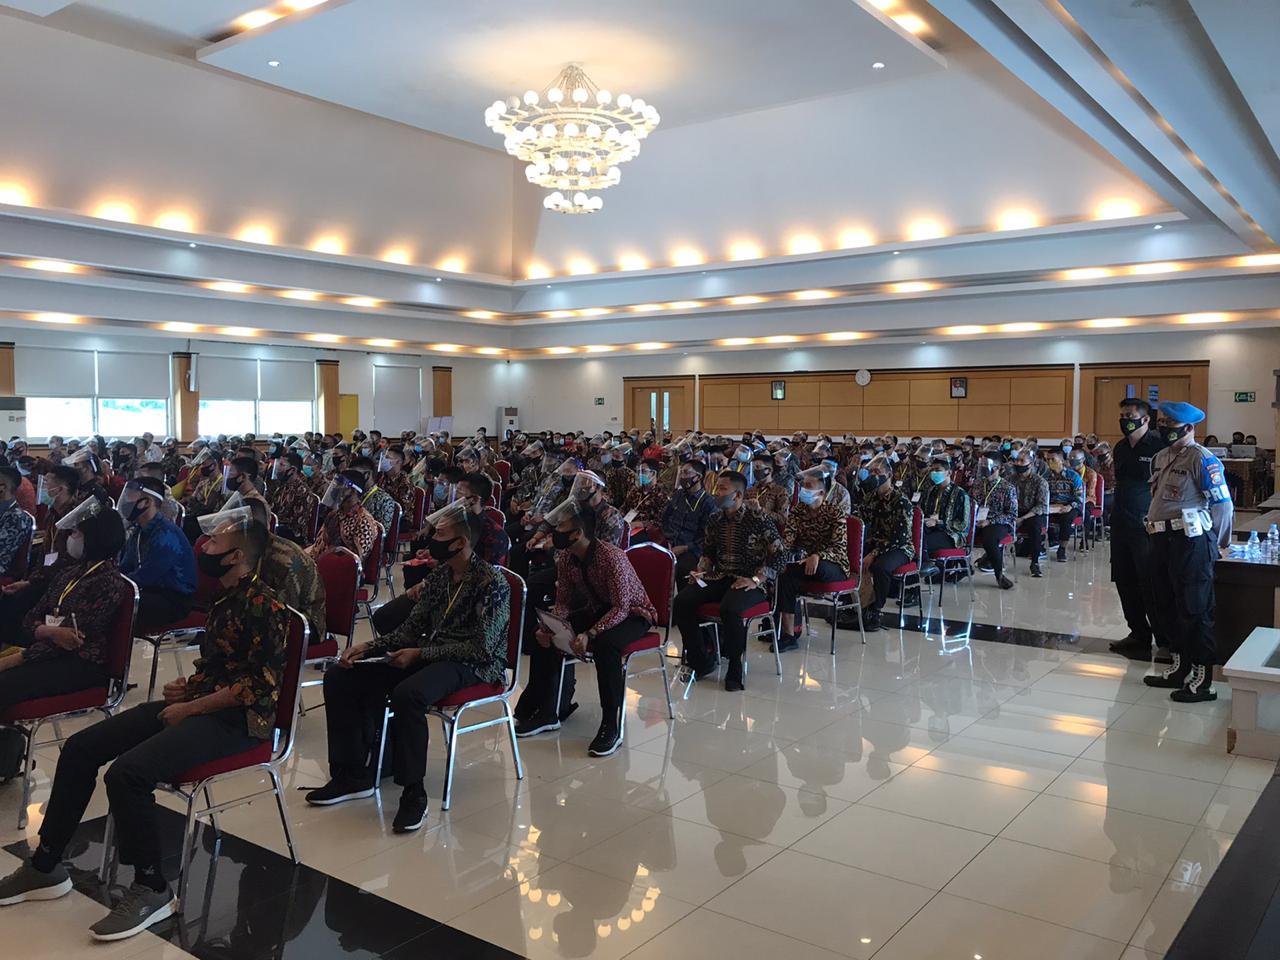 Sebanyak 473 Orang Peserta Penerimaan Colon Bintara Polri Polda Sulbar Dinyatakan Memenuhi Syarat